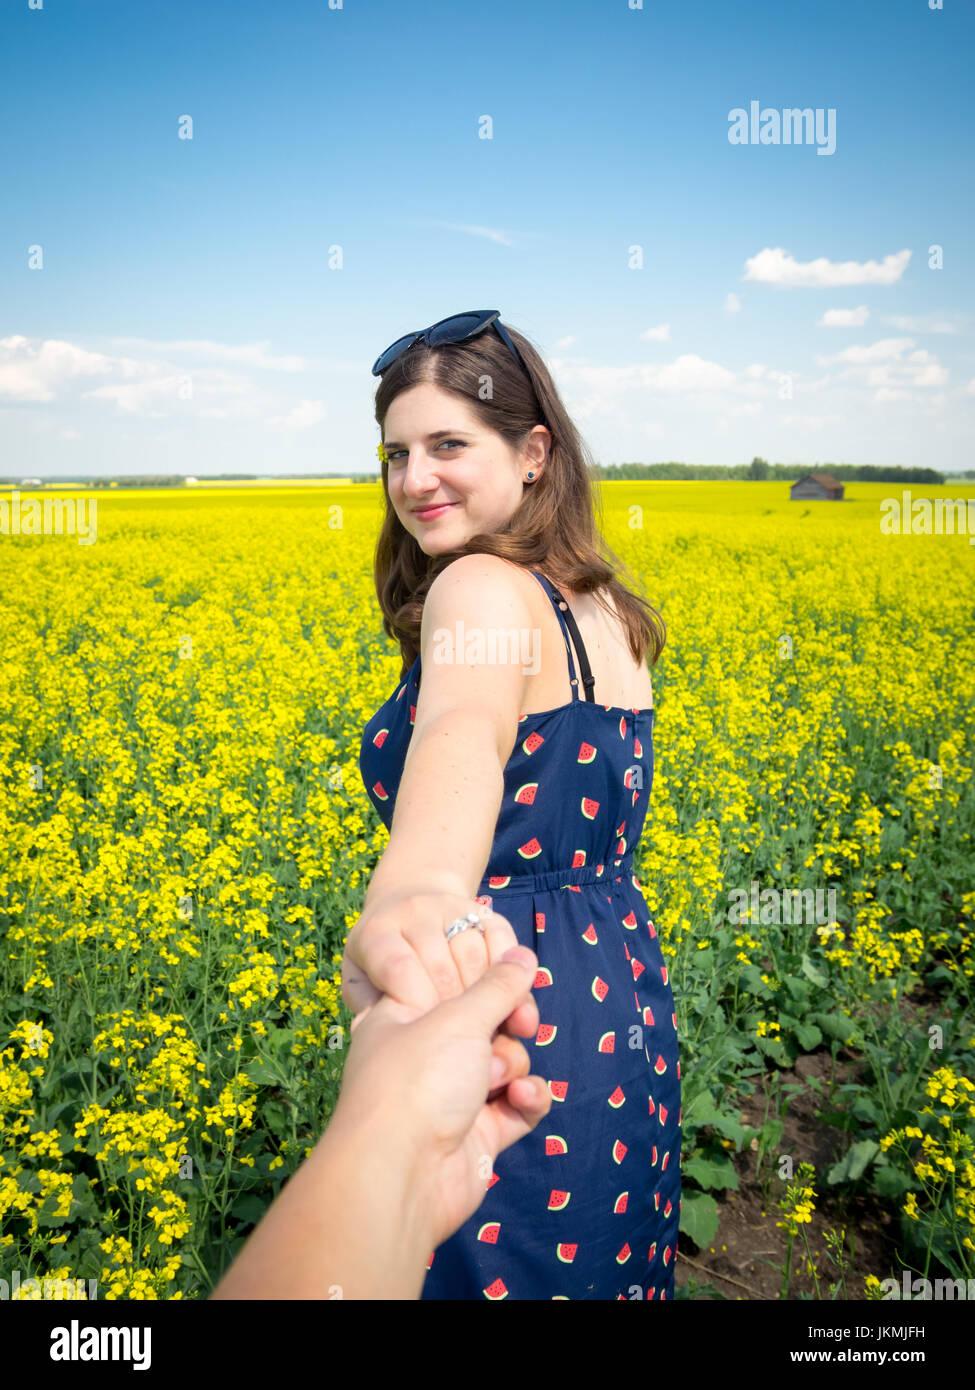 Da un follow me di punto di vista, un giovane uomo è portato in un campo di canola con la sua giovane moglie. Immagini Stock